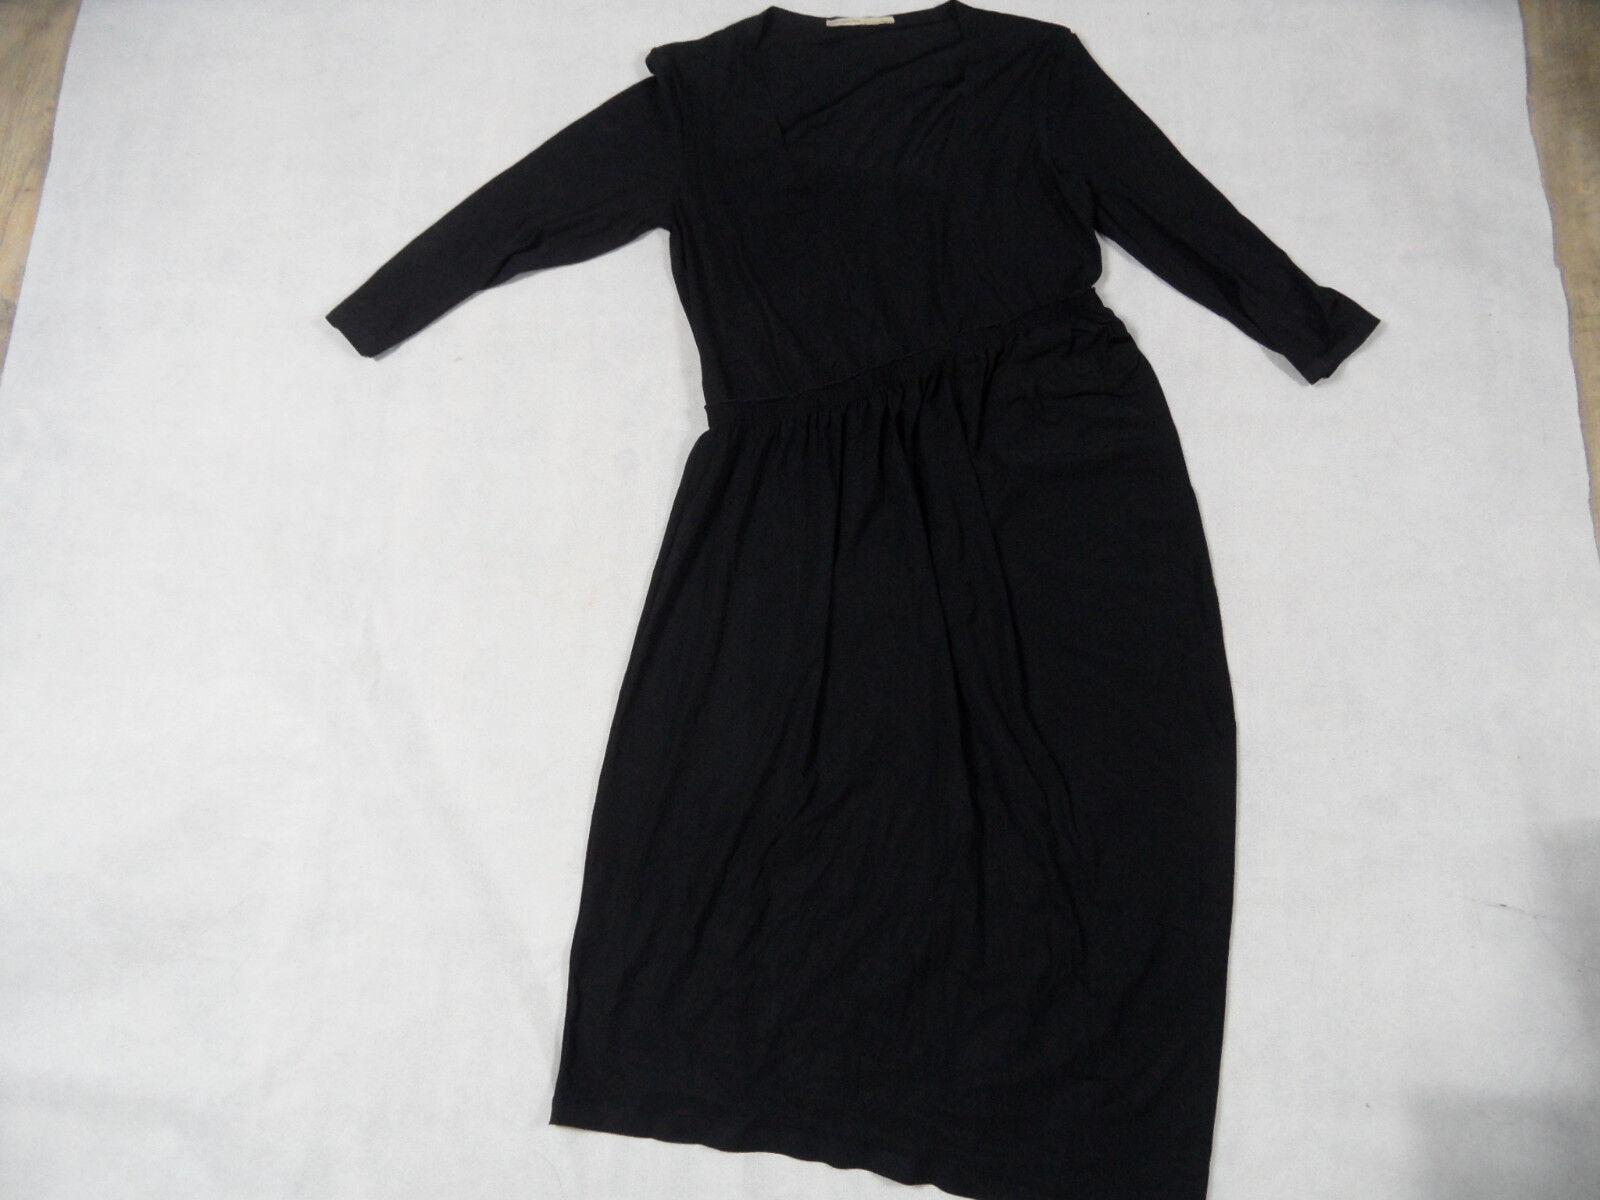 GIRBAUD schönes leichtes asymetrisches Kleid Lasercut schwarz Gr. 42 TOP BB1018